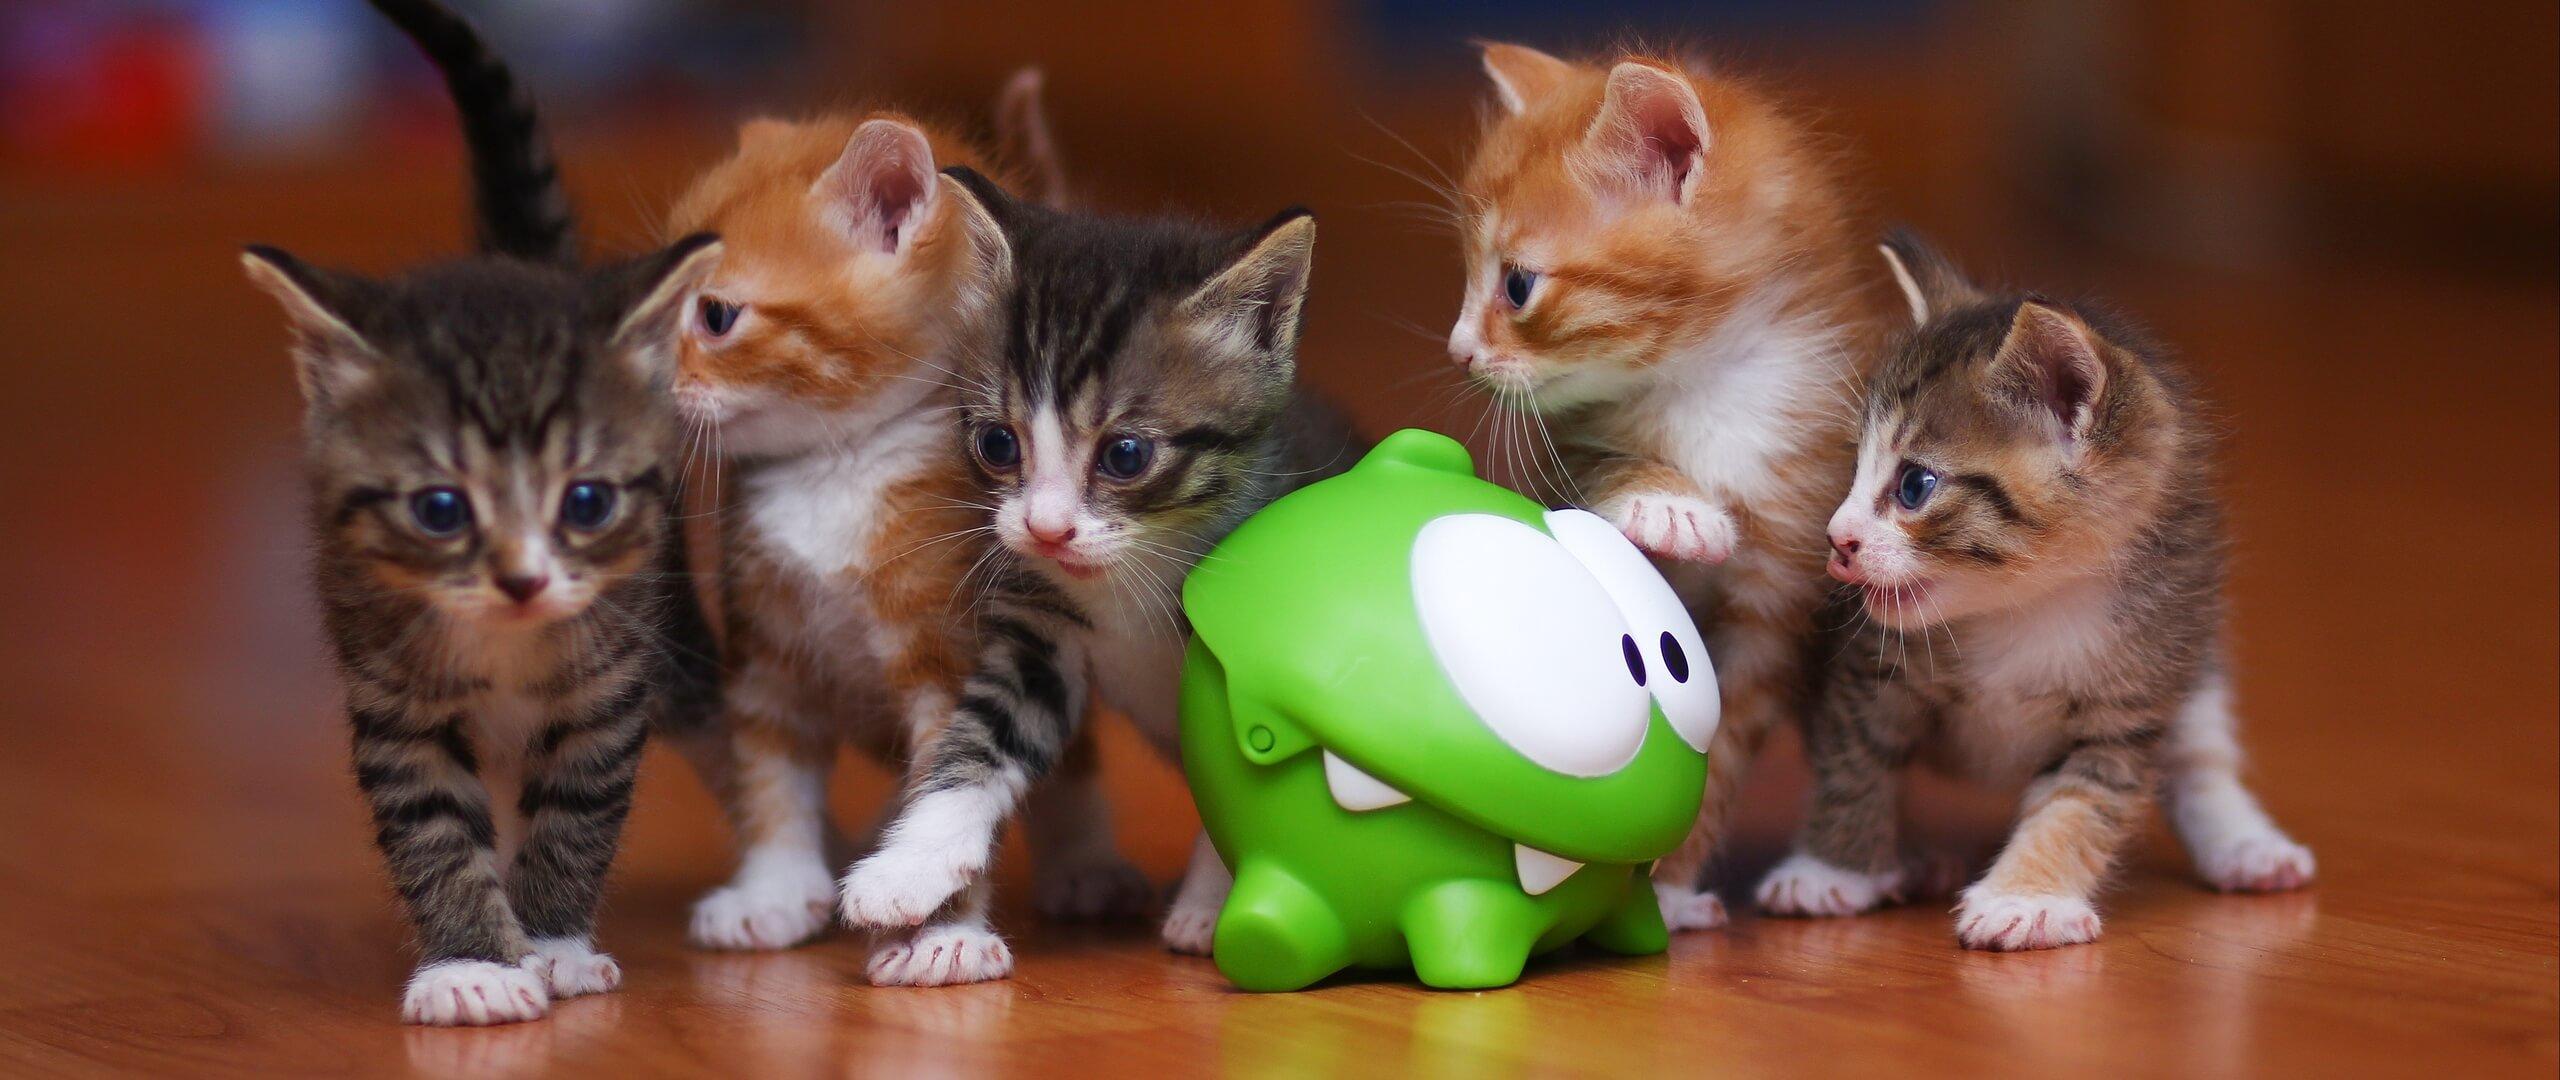 Классные и прикольные фото котят, котиков - подборка за 2018 год 15